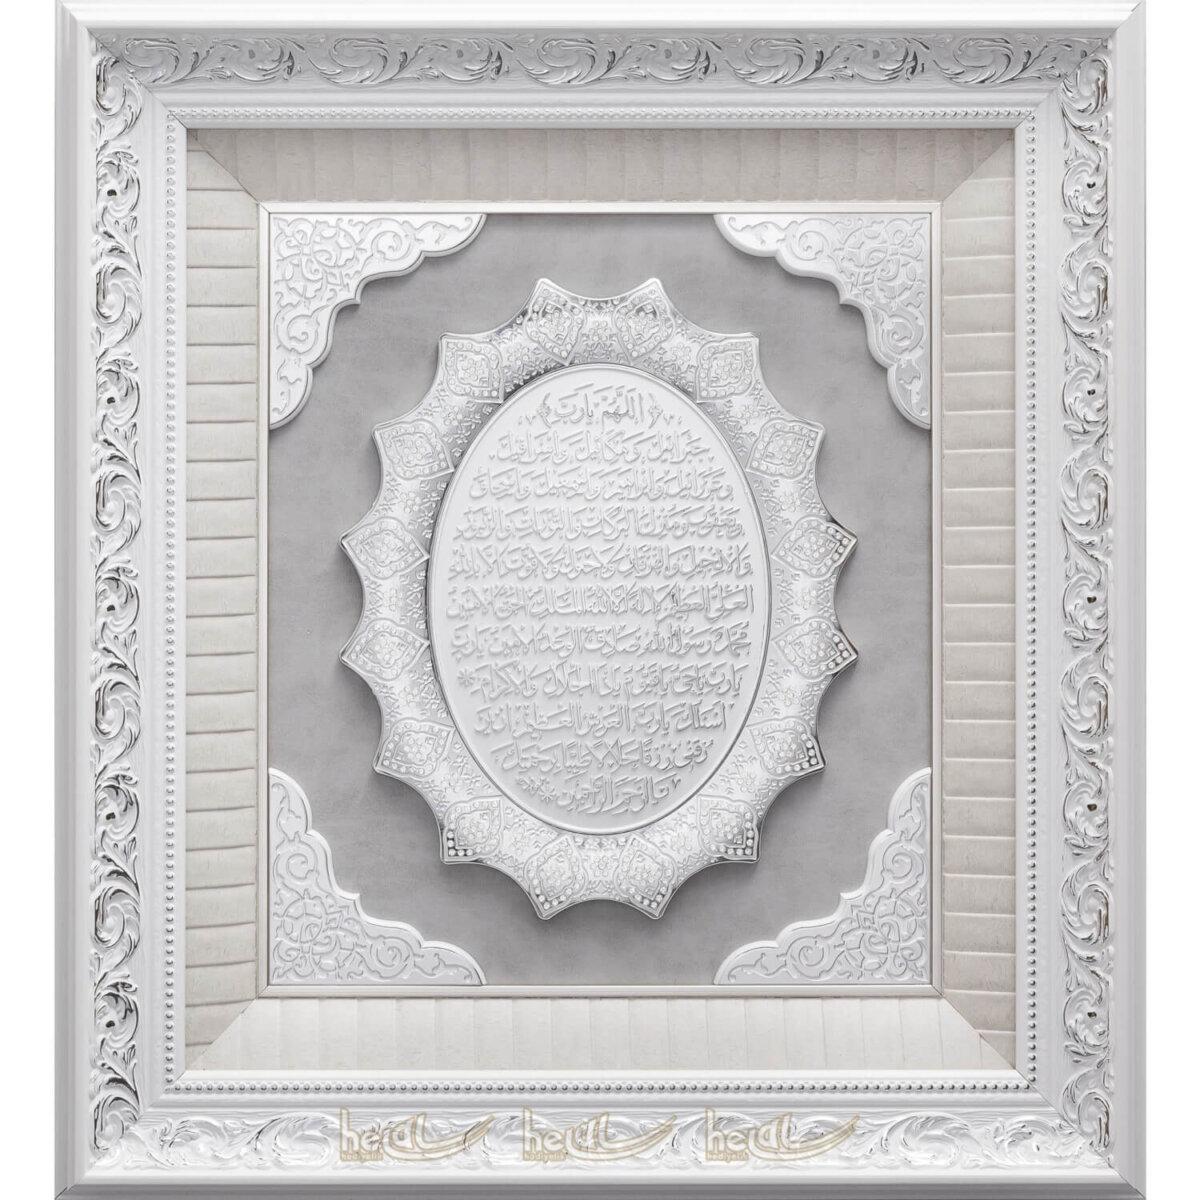 58x64cm Bereket Duası Küçük Yıldız Çerçeve Tablo Ayetli Tablolar